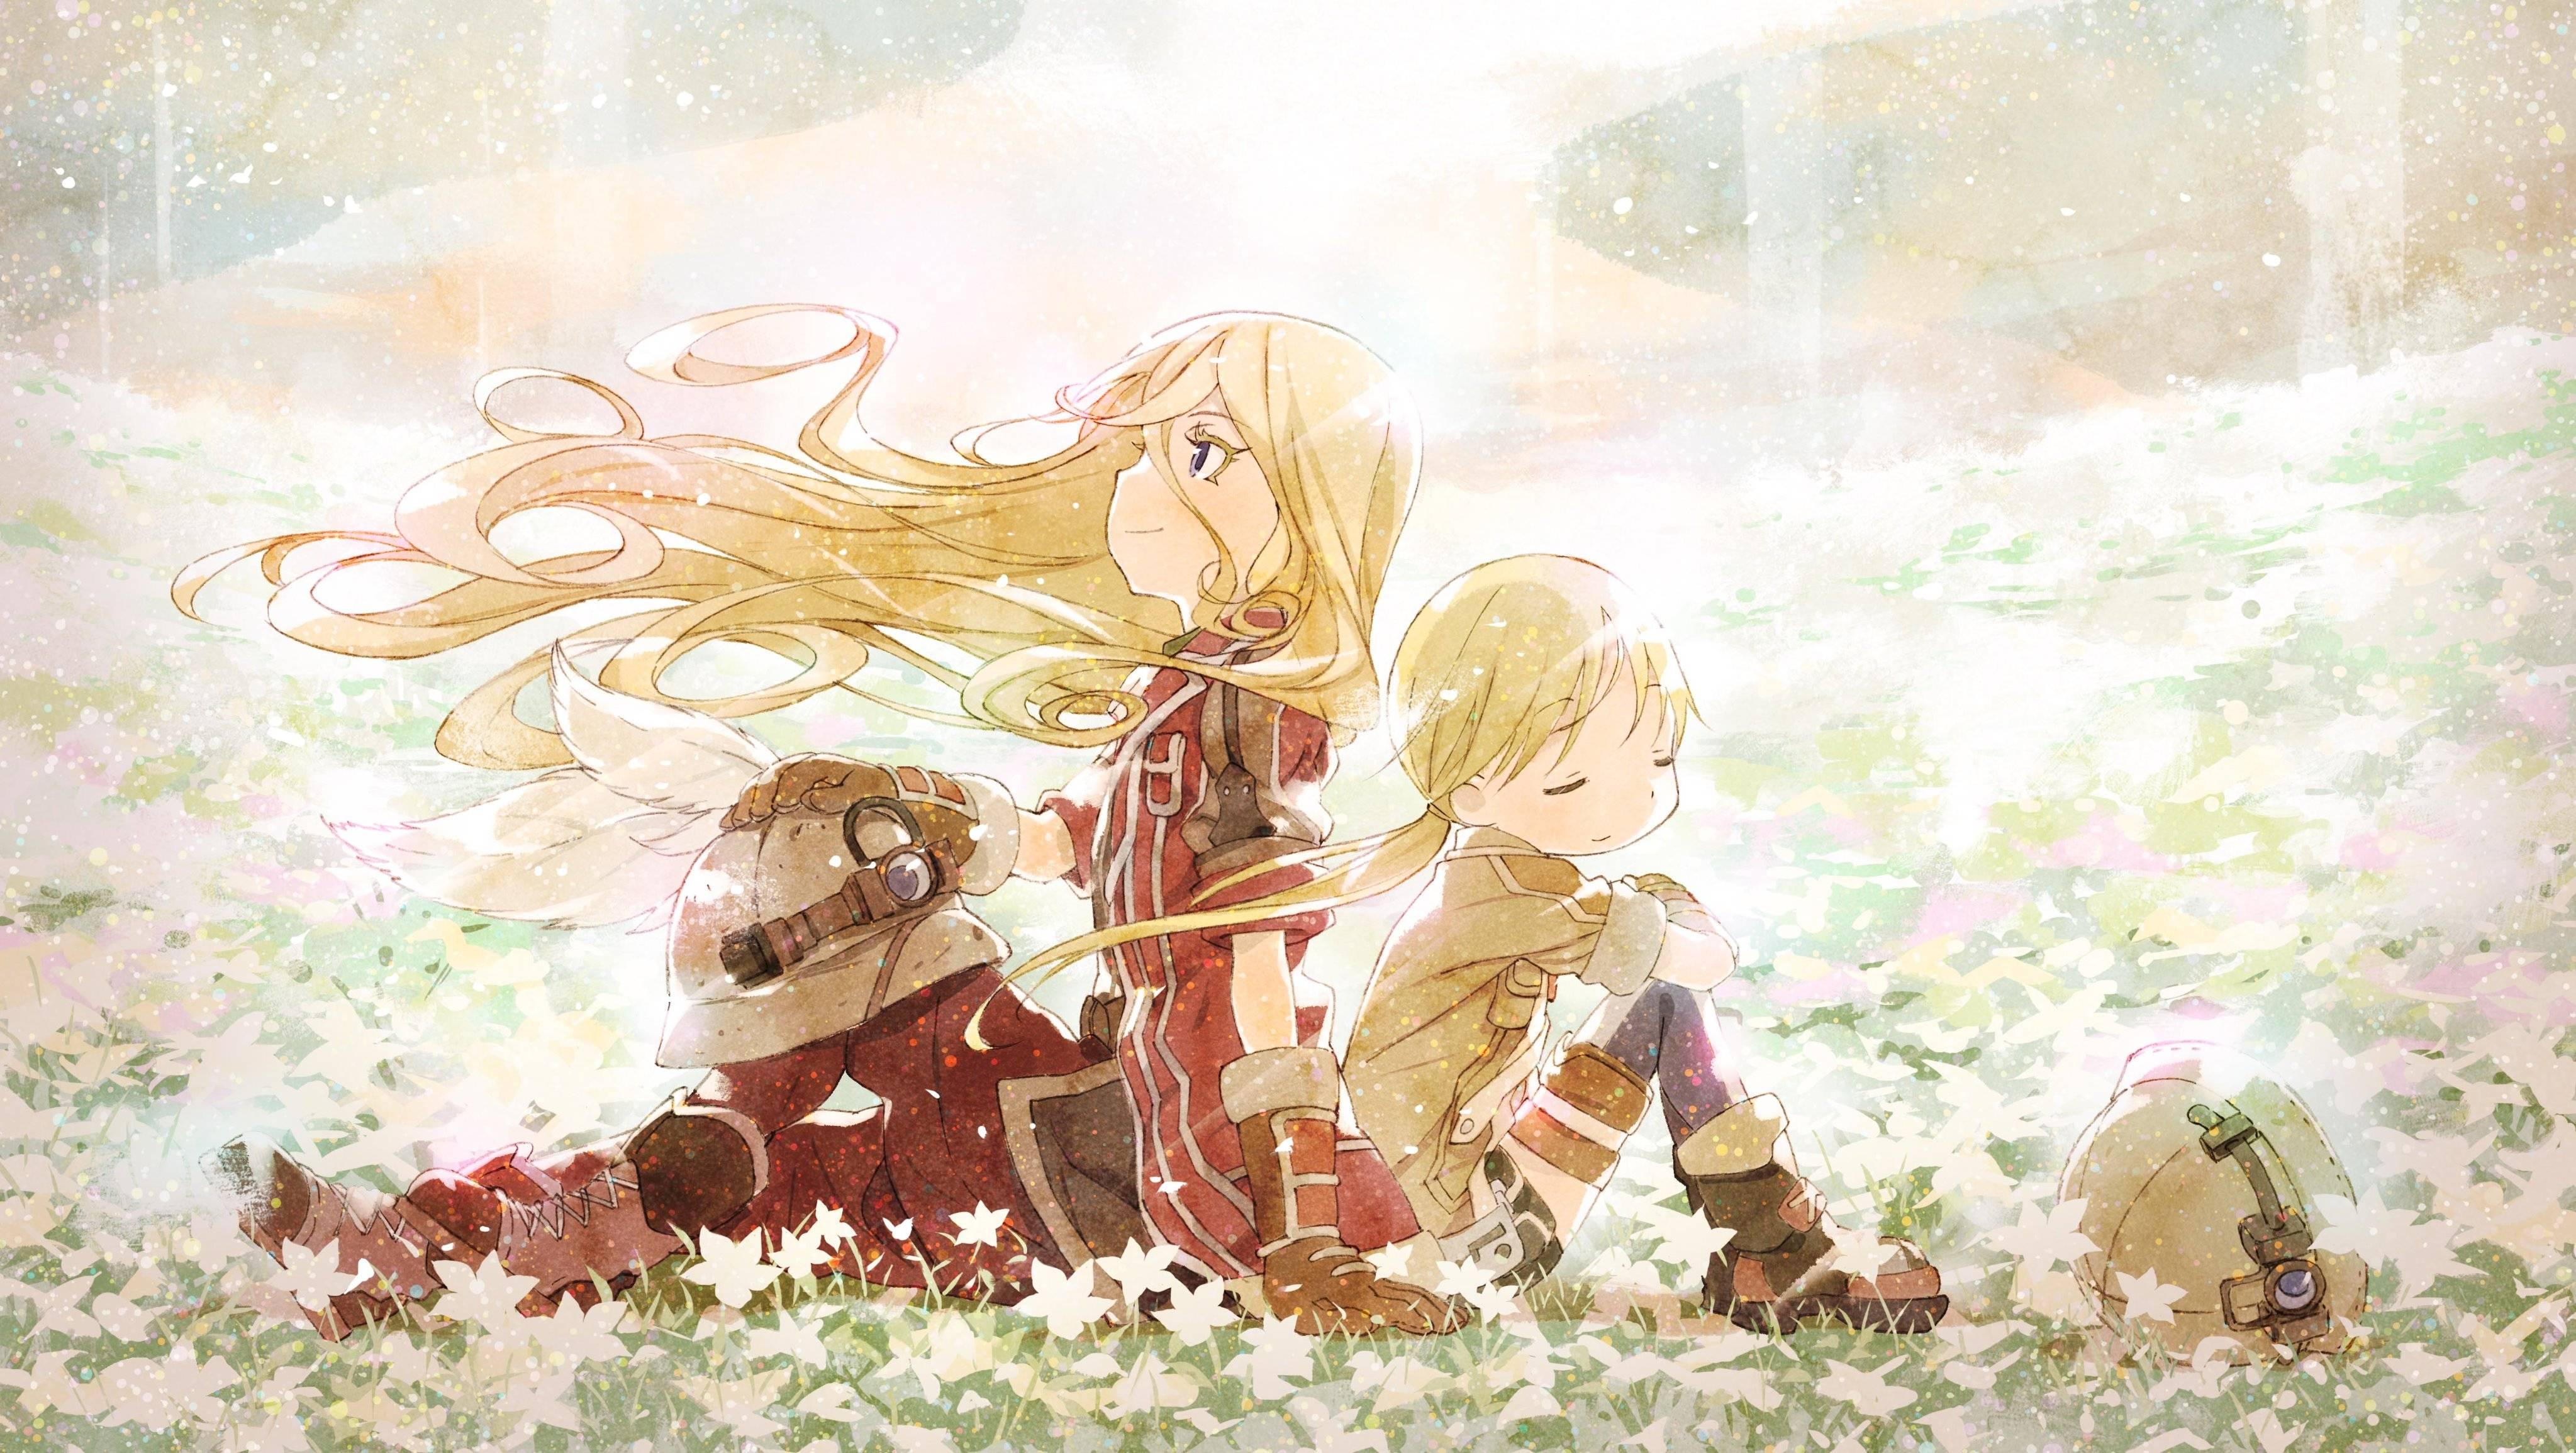 Wallpaper für Made in Abyss für Topliste Top 5 Animes für Einsteiger